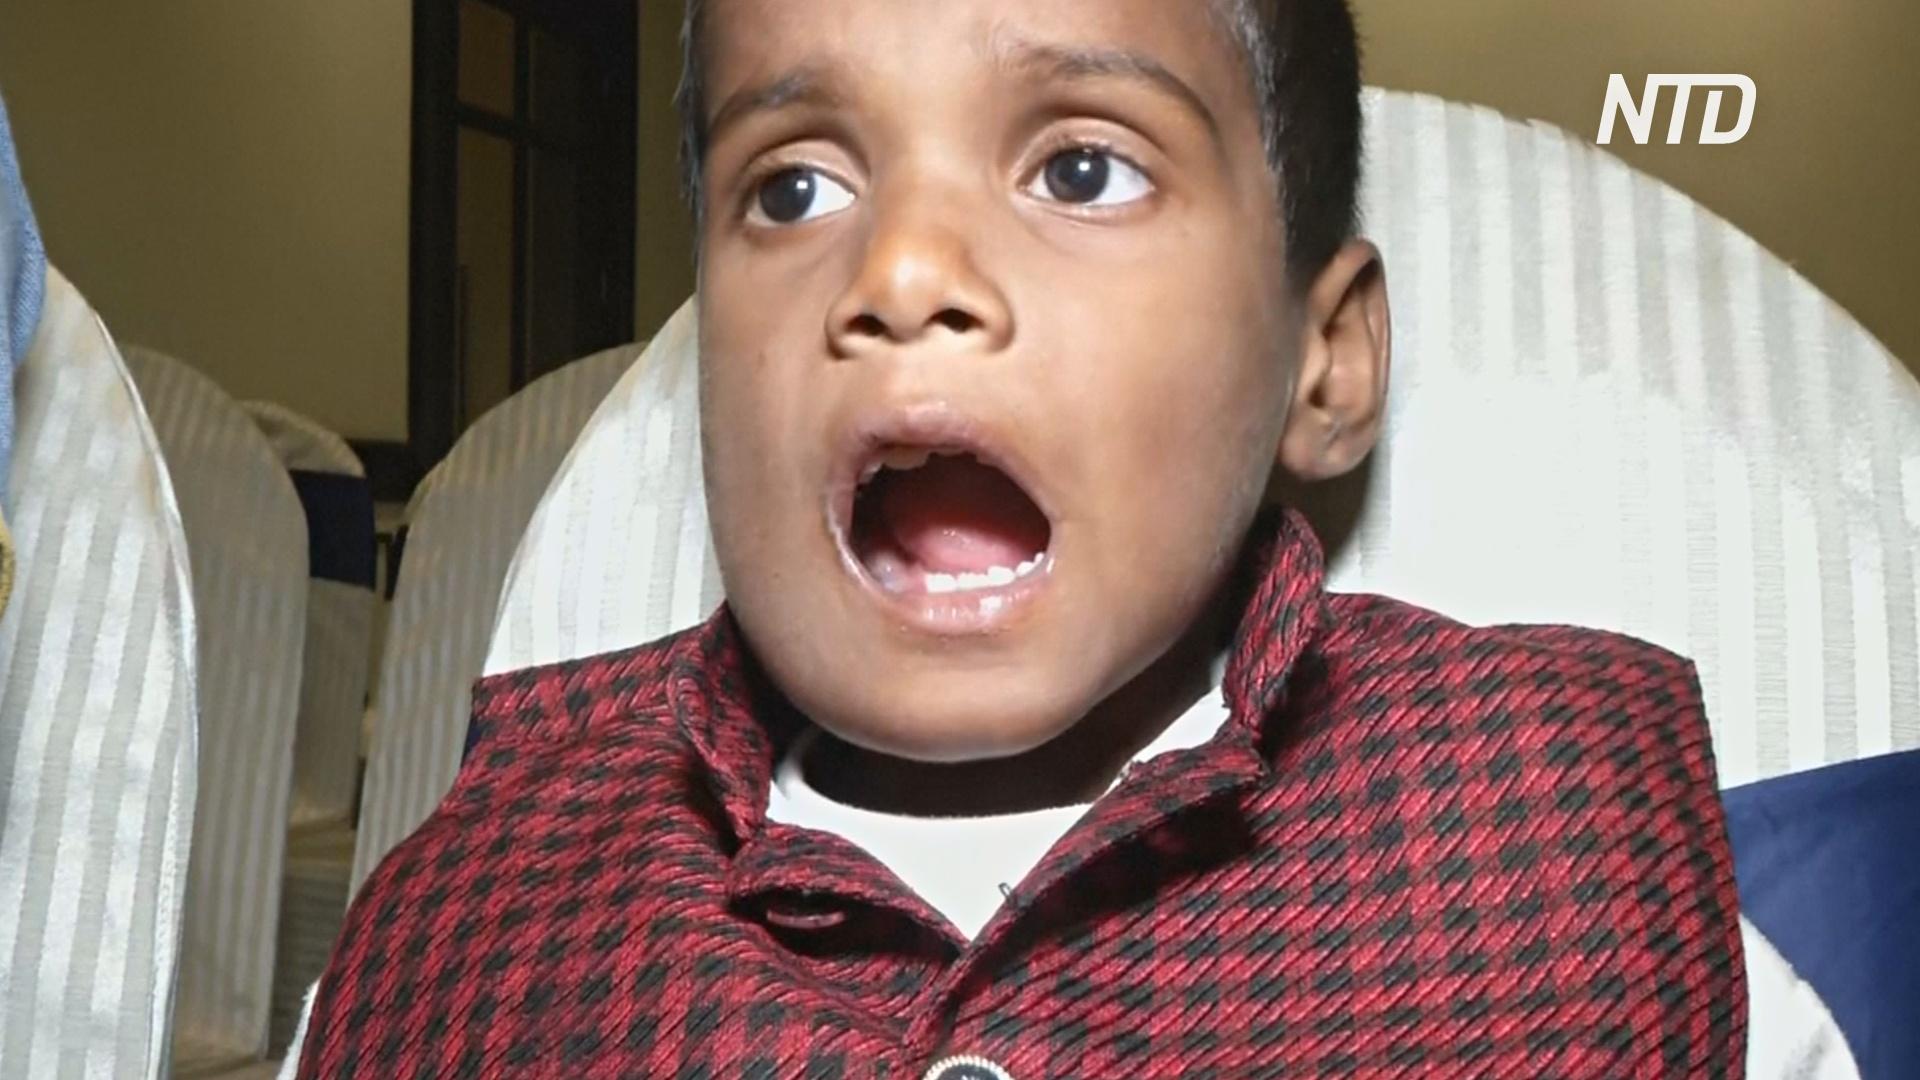 У семилетнего индийца выросло более 500 зубов